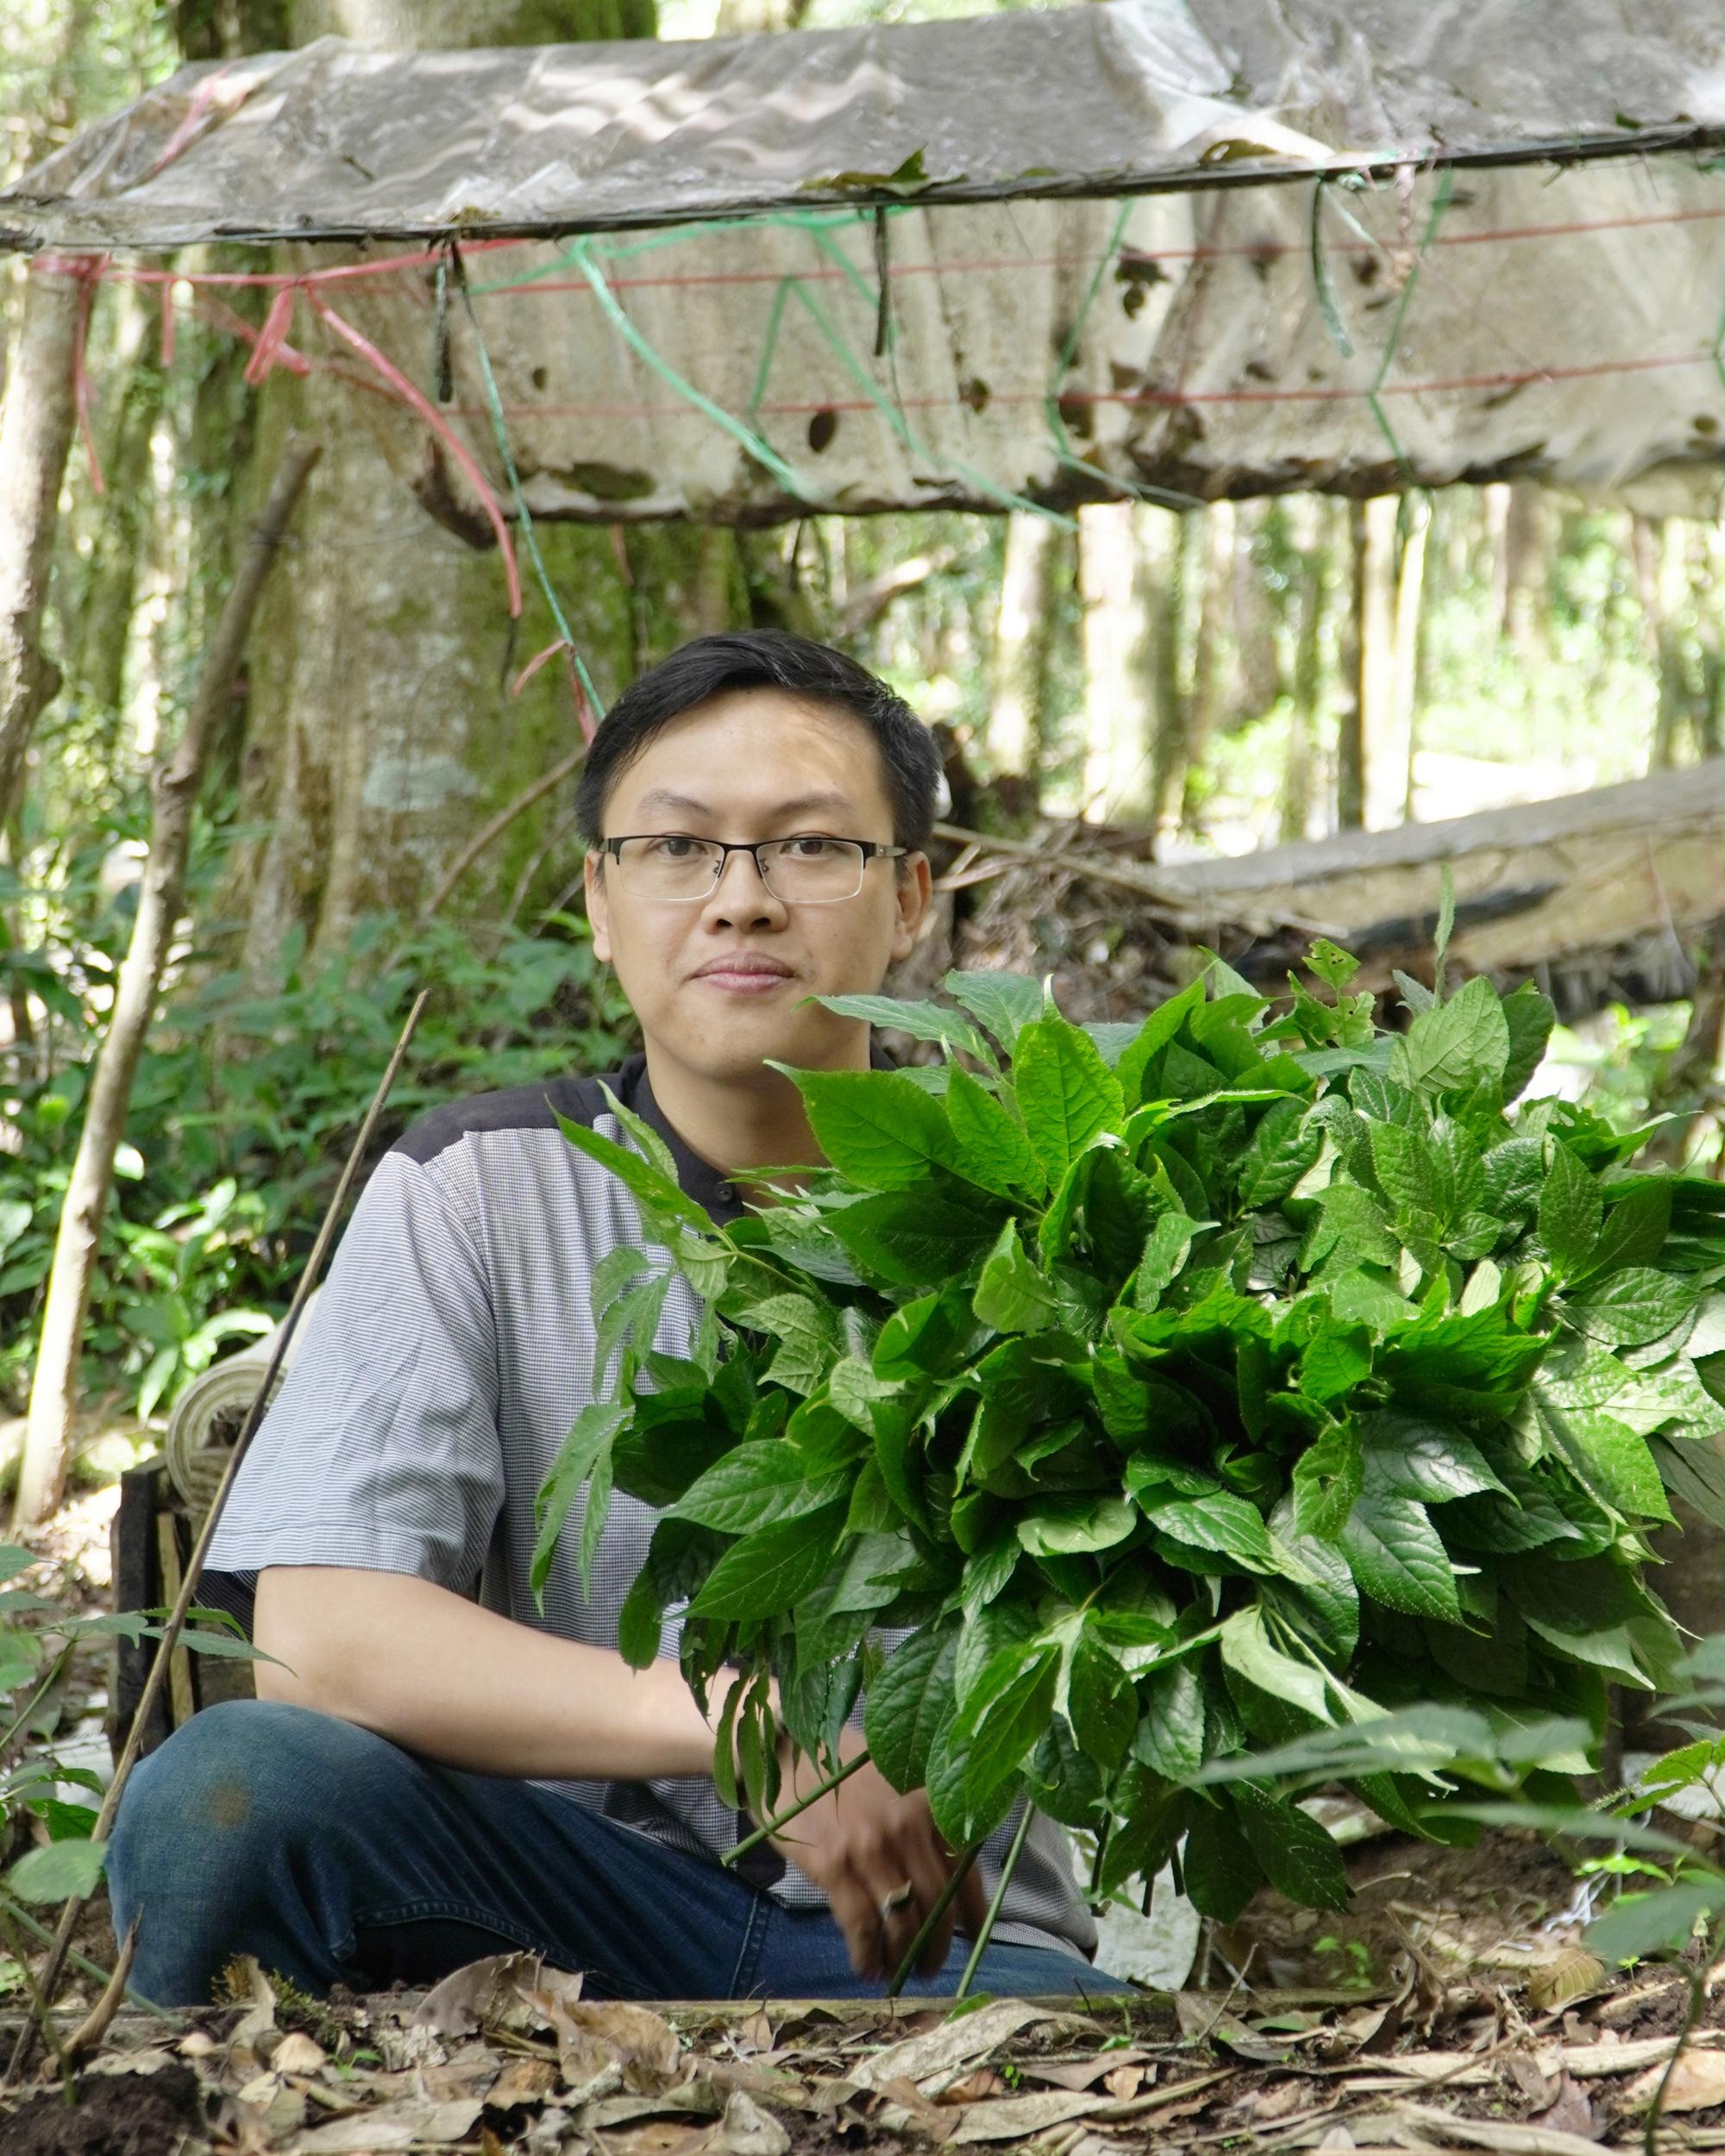 Chàng giảng viên làm giàu từ cây sâm Ngọc Linh - Ảnh 2.